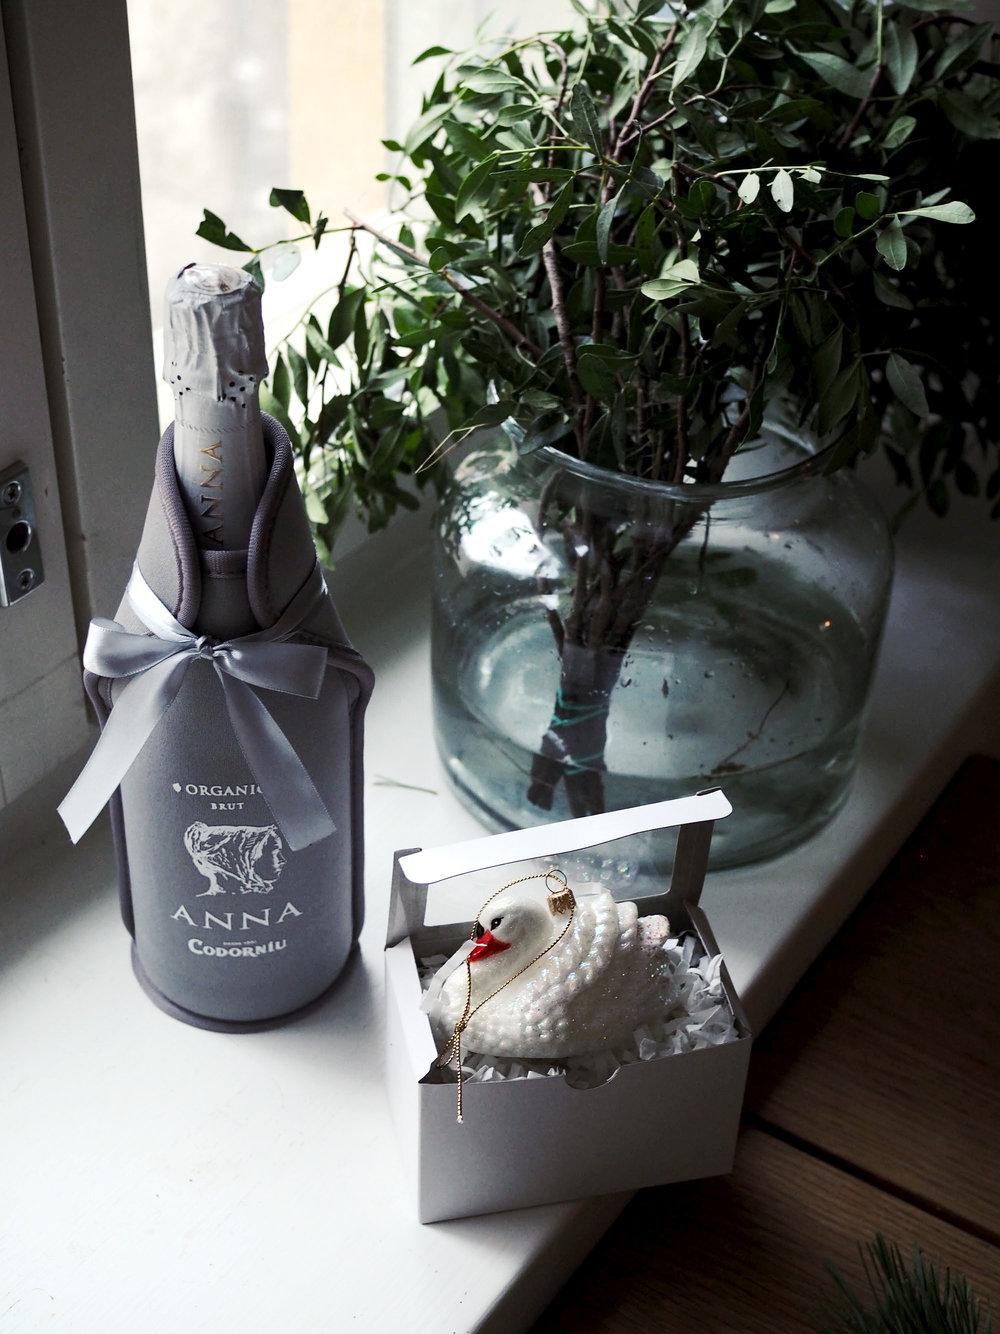 Takuuvarma pikkujoululahja: pullo kuohuvaa ja ajatuksella valittu, kaunis joulukoriste. Neopreenistä tehty pakkaus pitää viinin kylmänä pidempään.